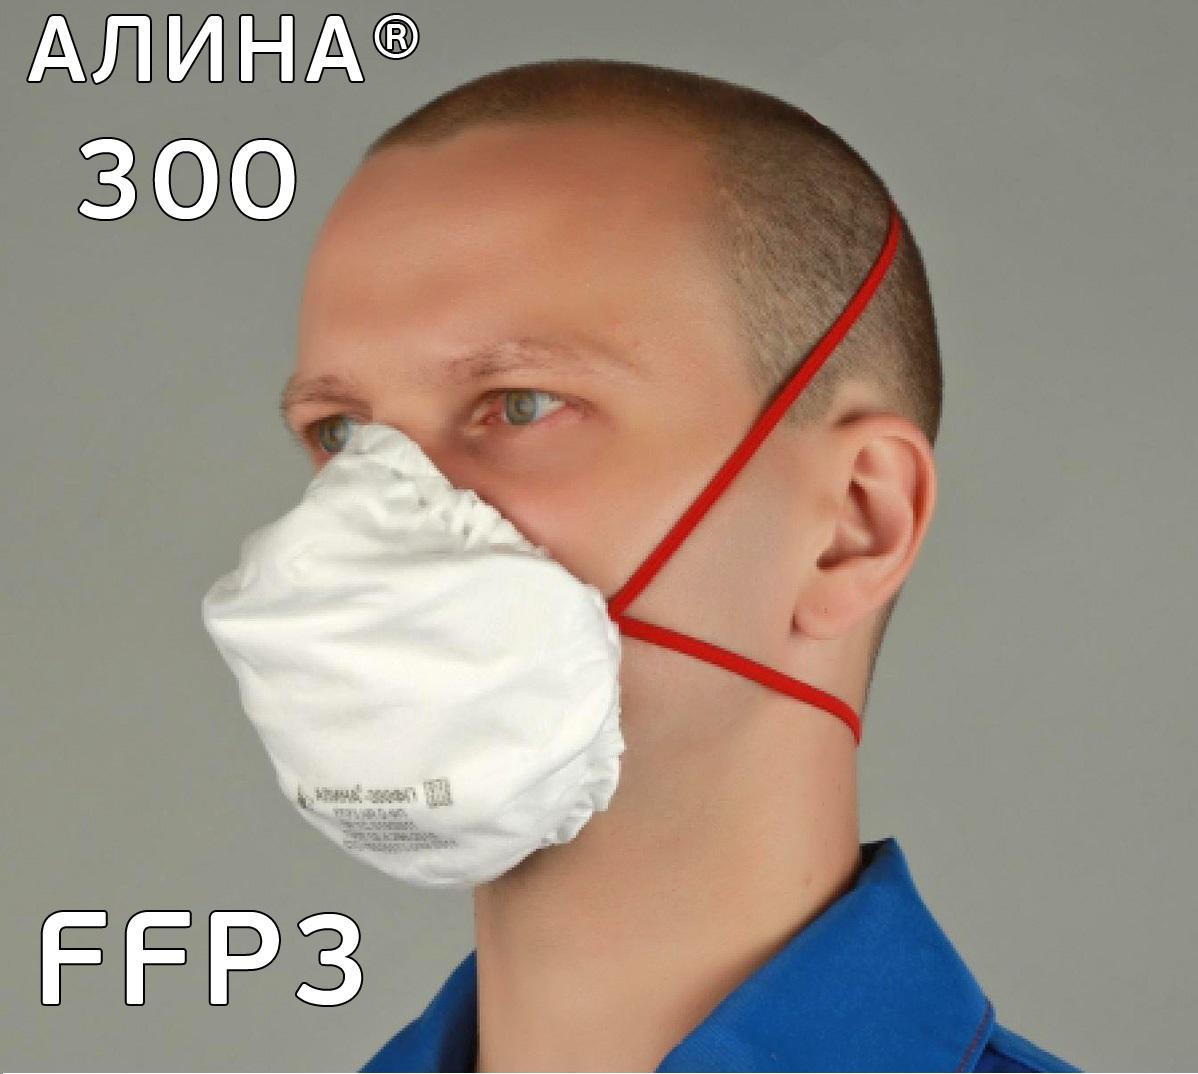 АЛИНА-300 Средство индивидуальной защиты для органов дыхания без клапана FFP3